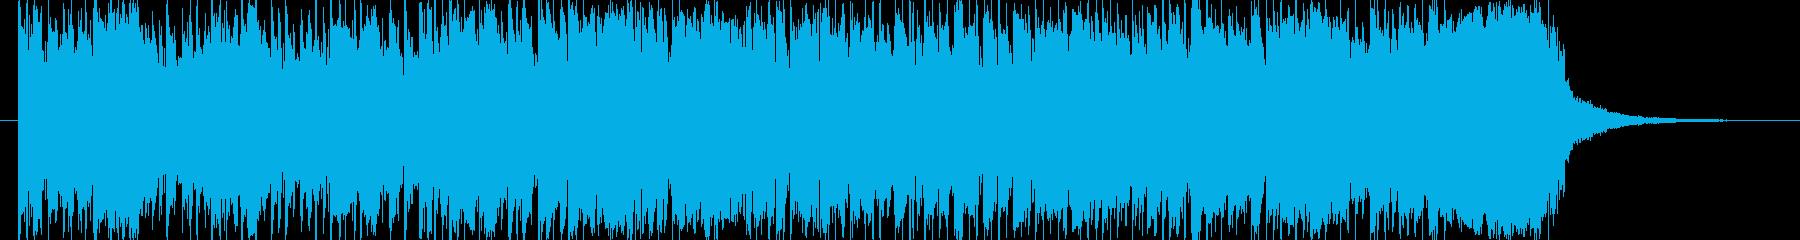 ギターとシンセのキラキラエレクトロニカの再生済みの波形